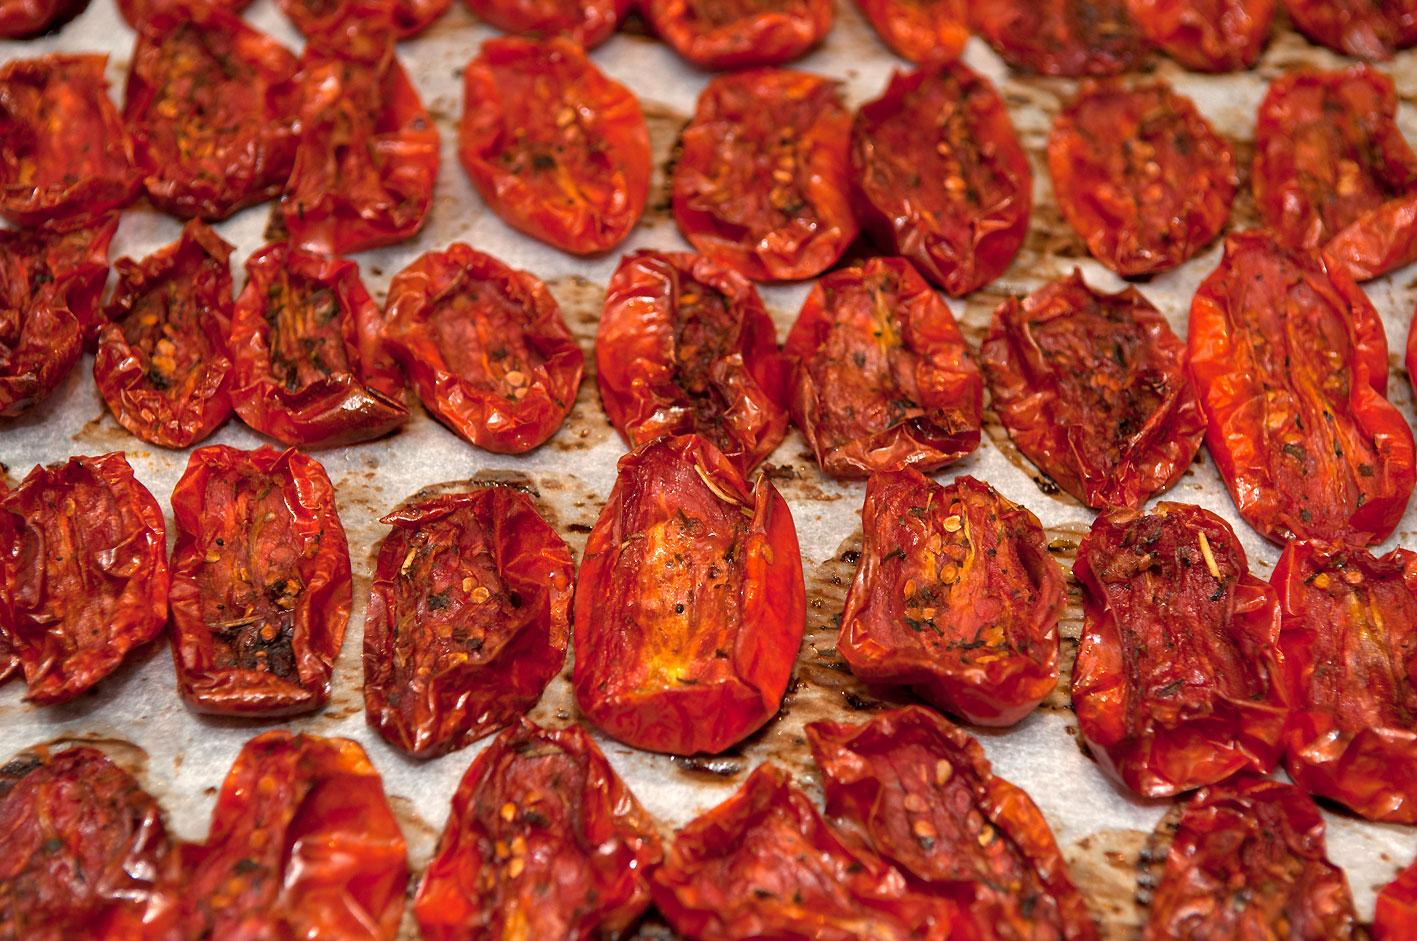 Как приготовить вяленые помидоры в домашних условиях в сушилке 152